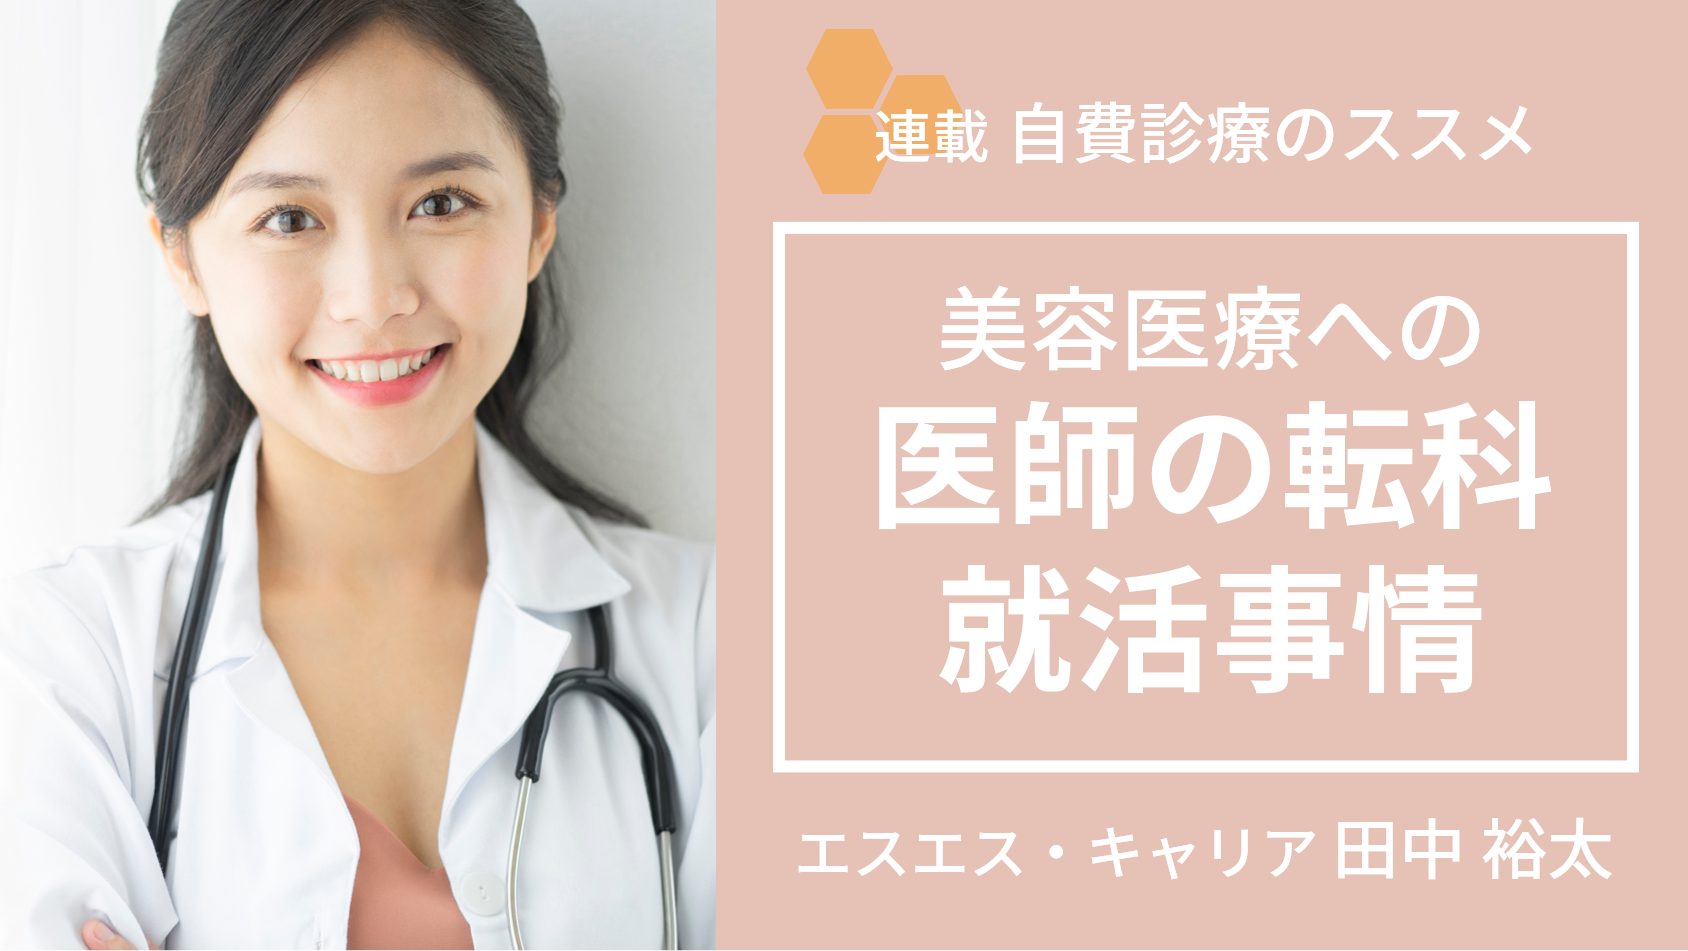 自費診療のススメ『美容医療への医師の転科・就活事情』